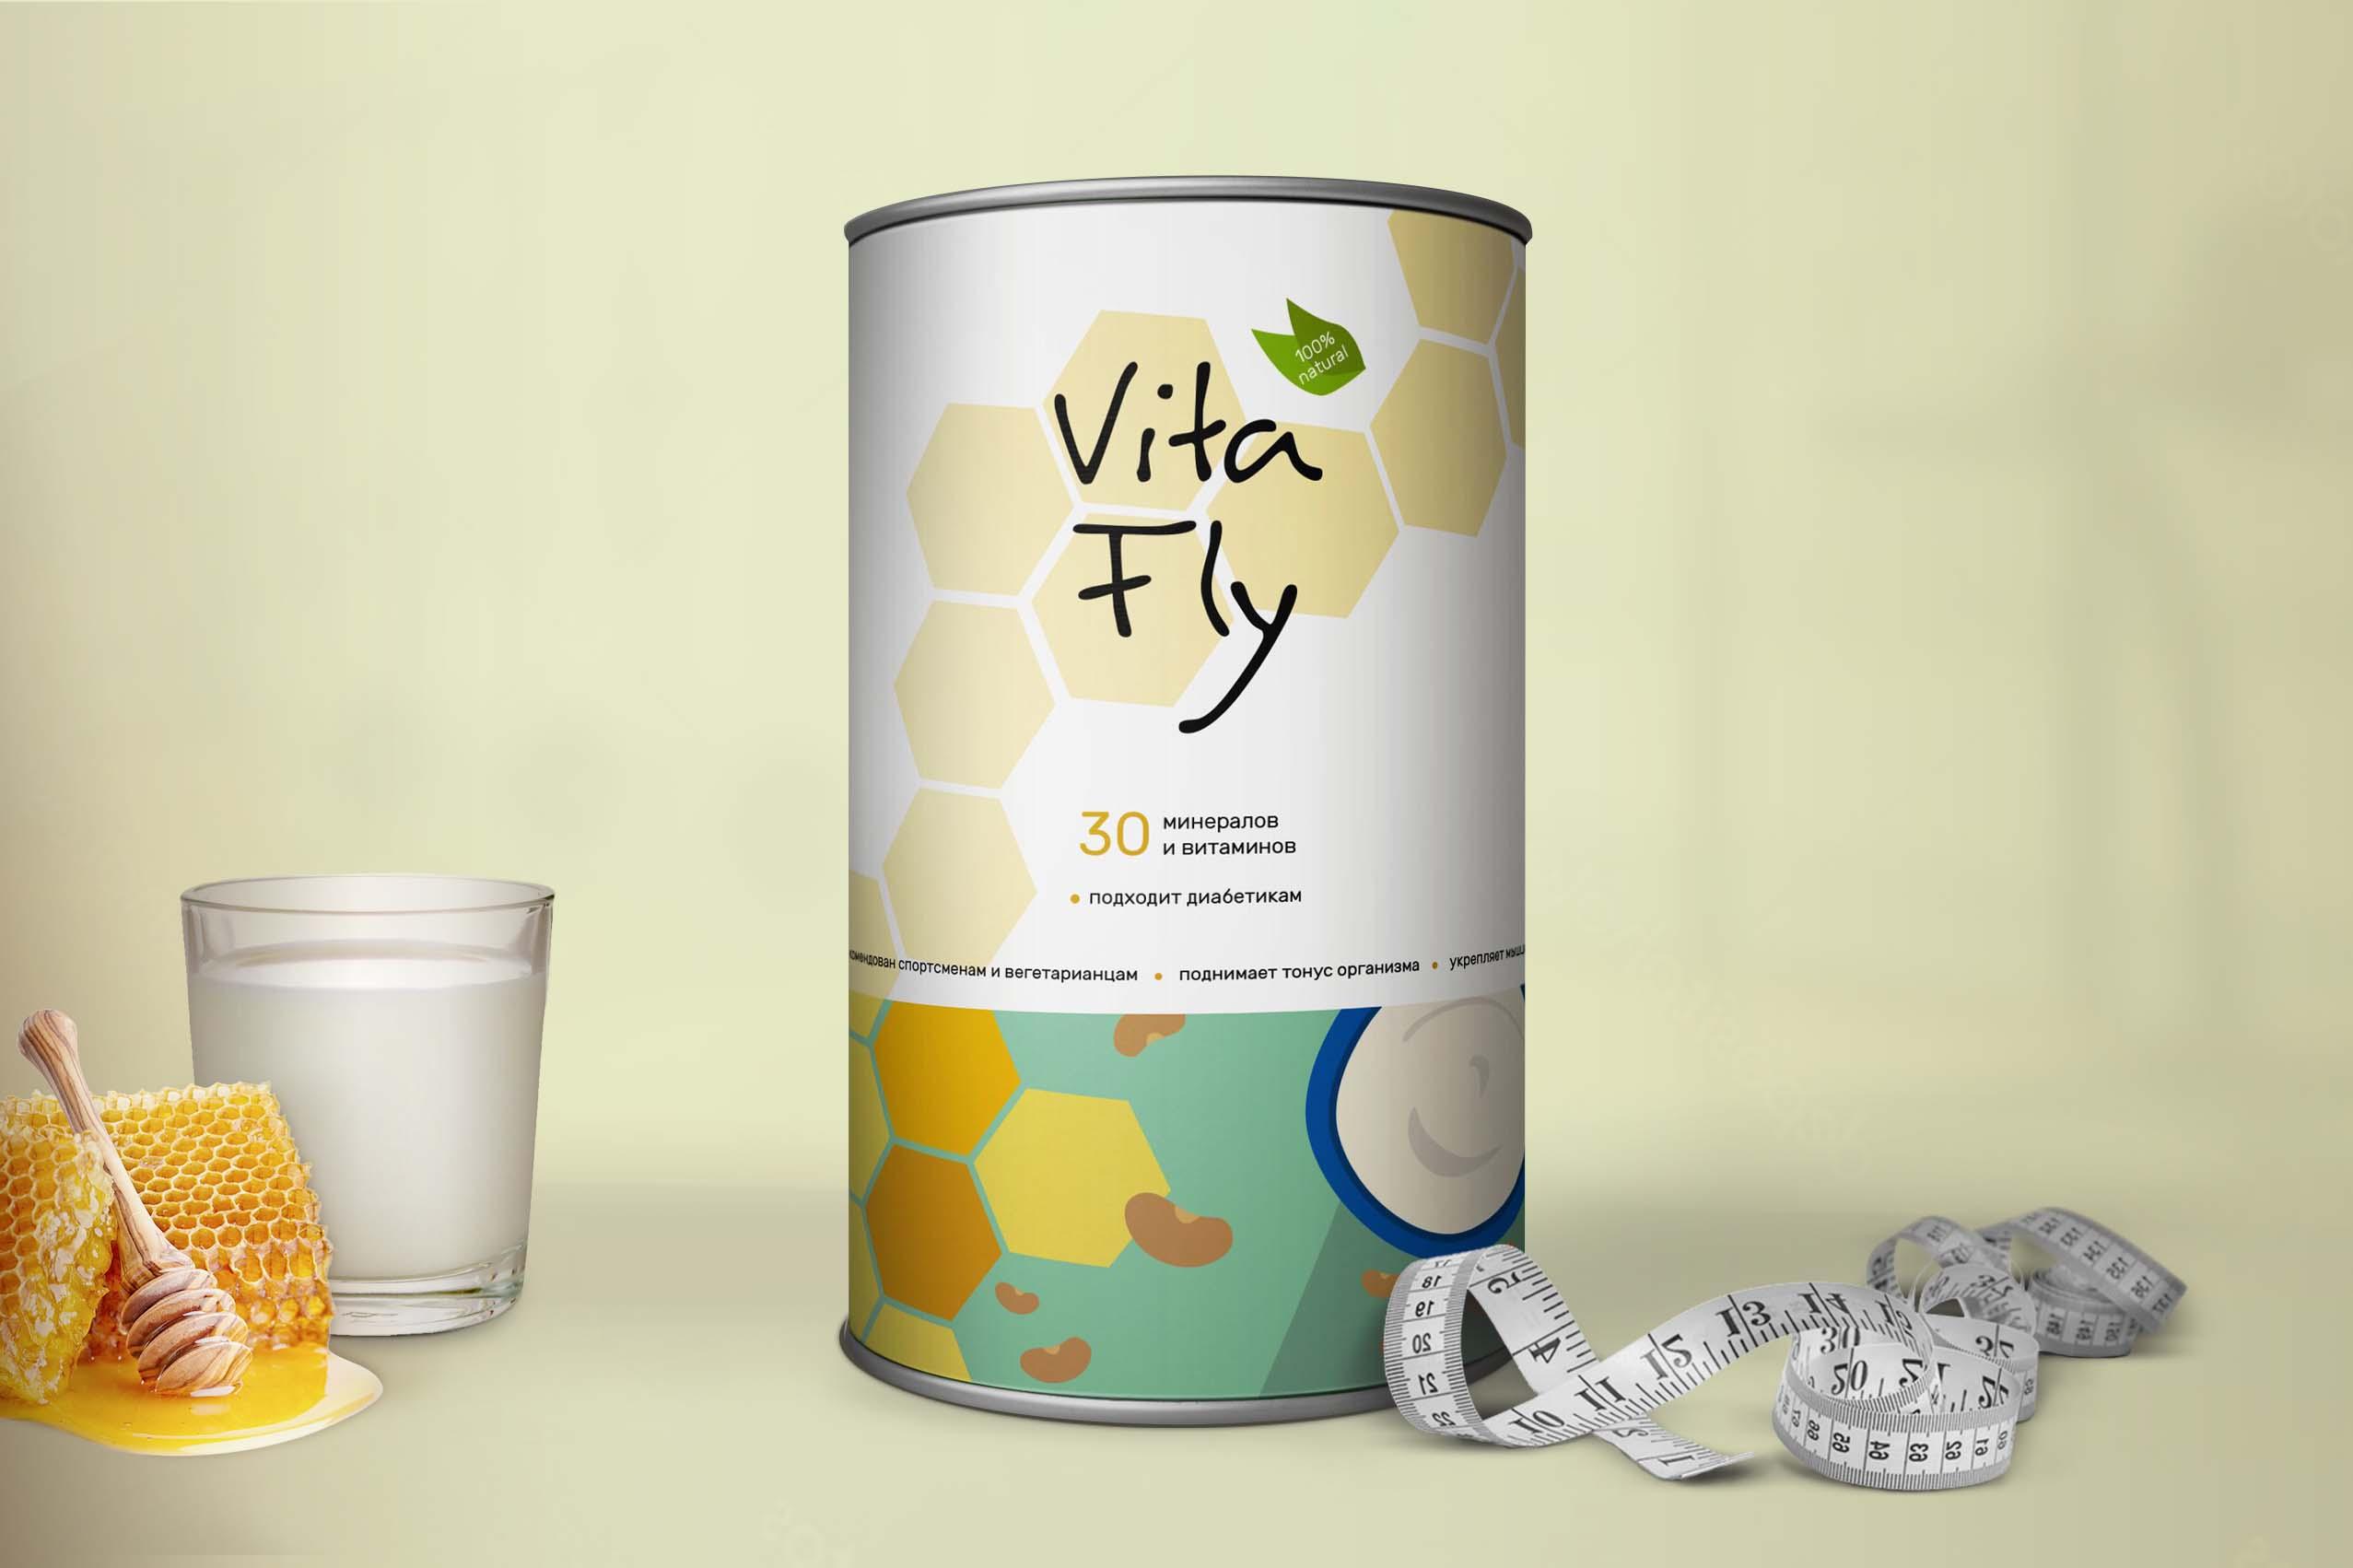 Пищевая добавка, Vitafly